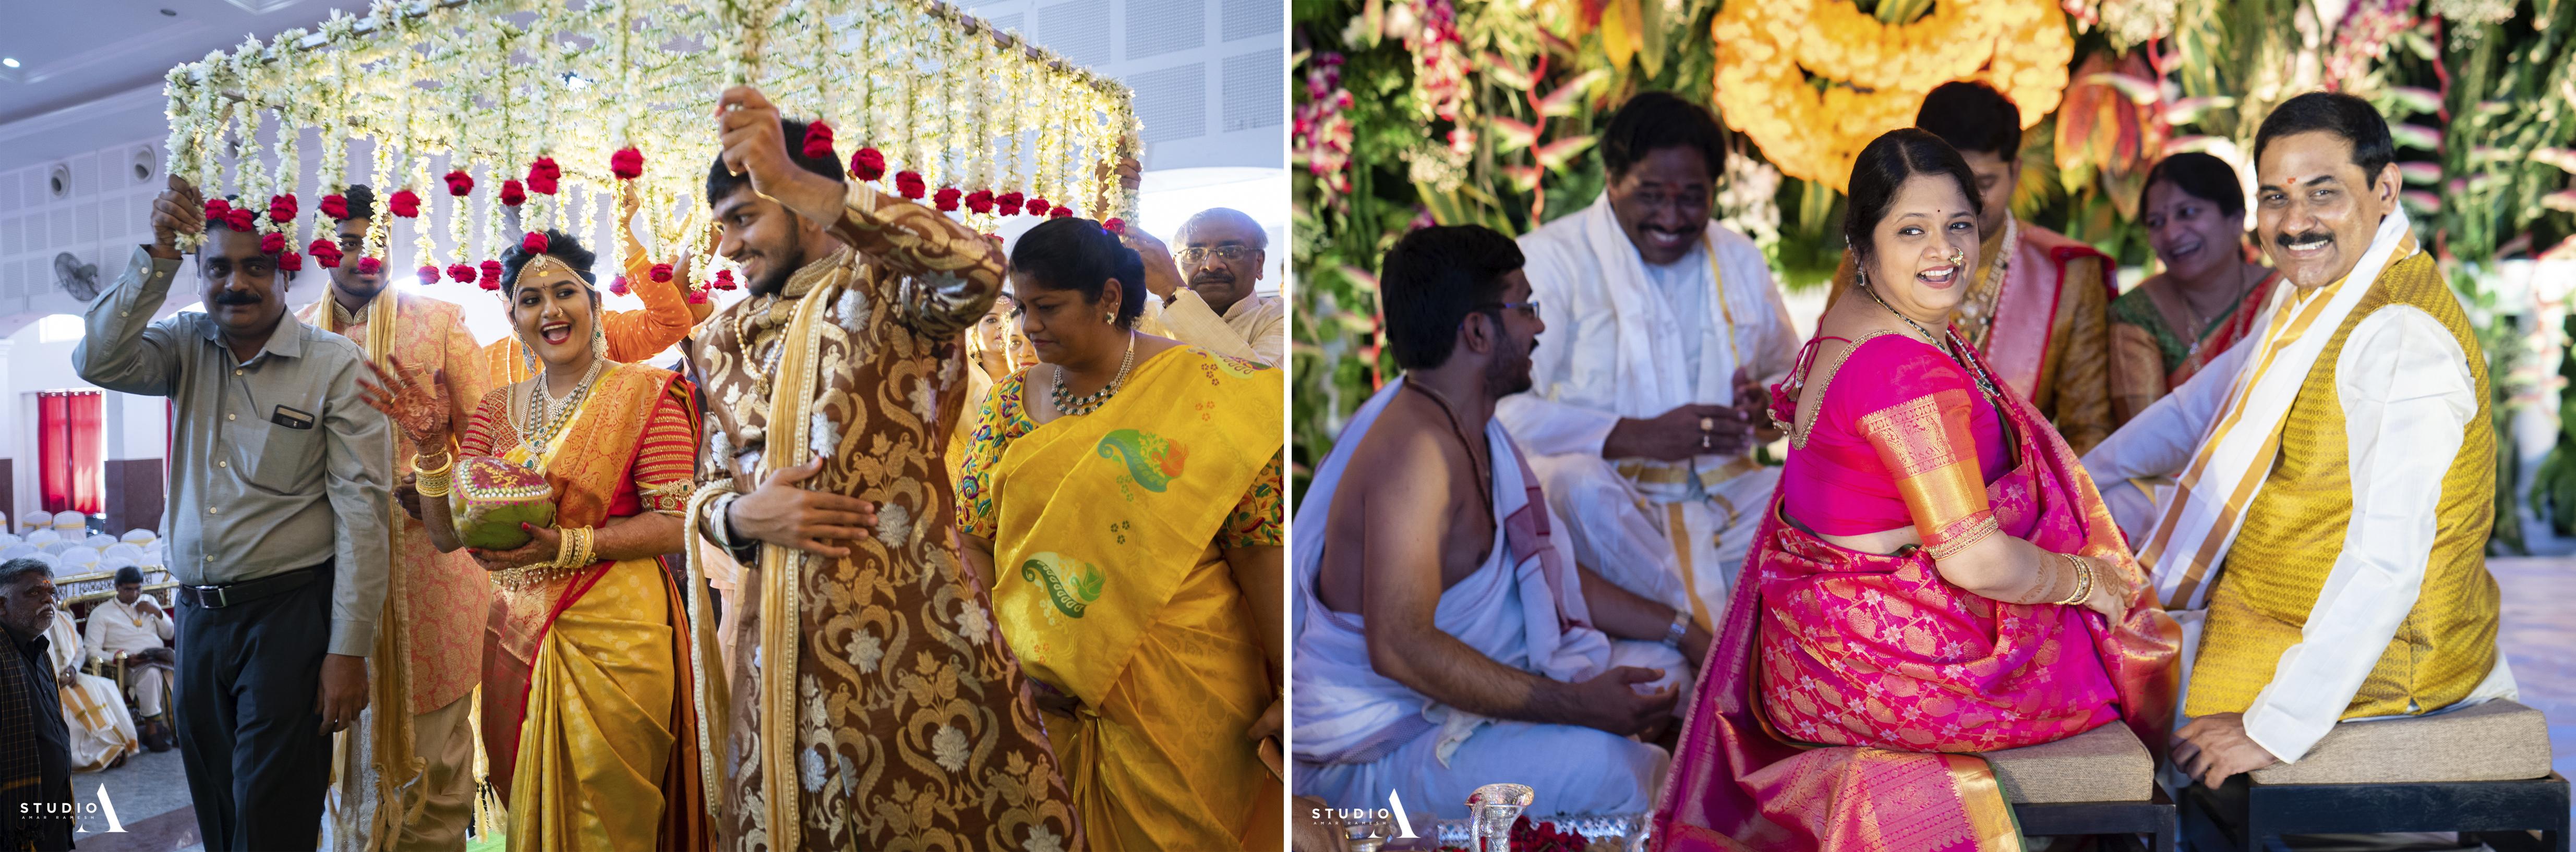 grand-telugu-wedding-studioa-amarramesh-69